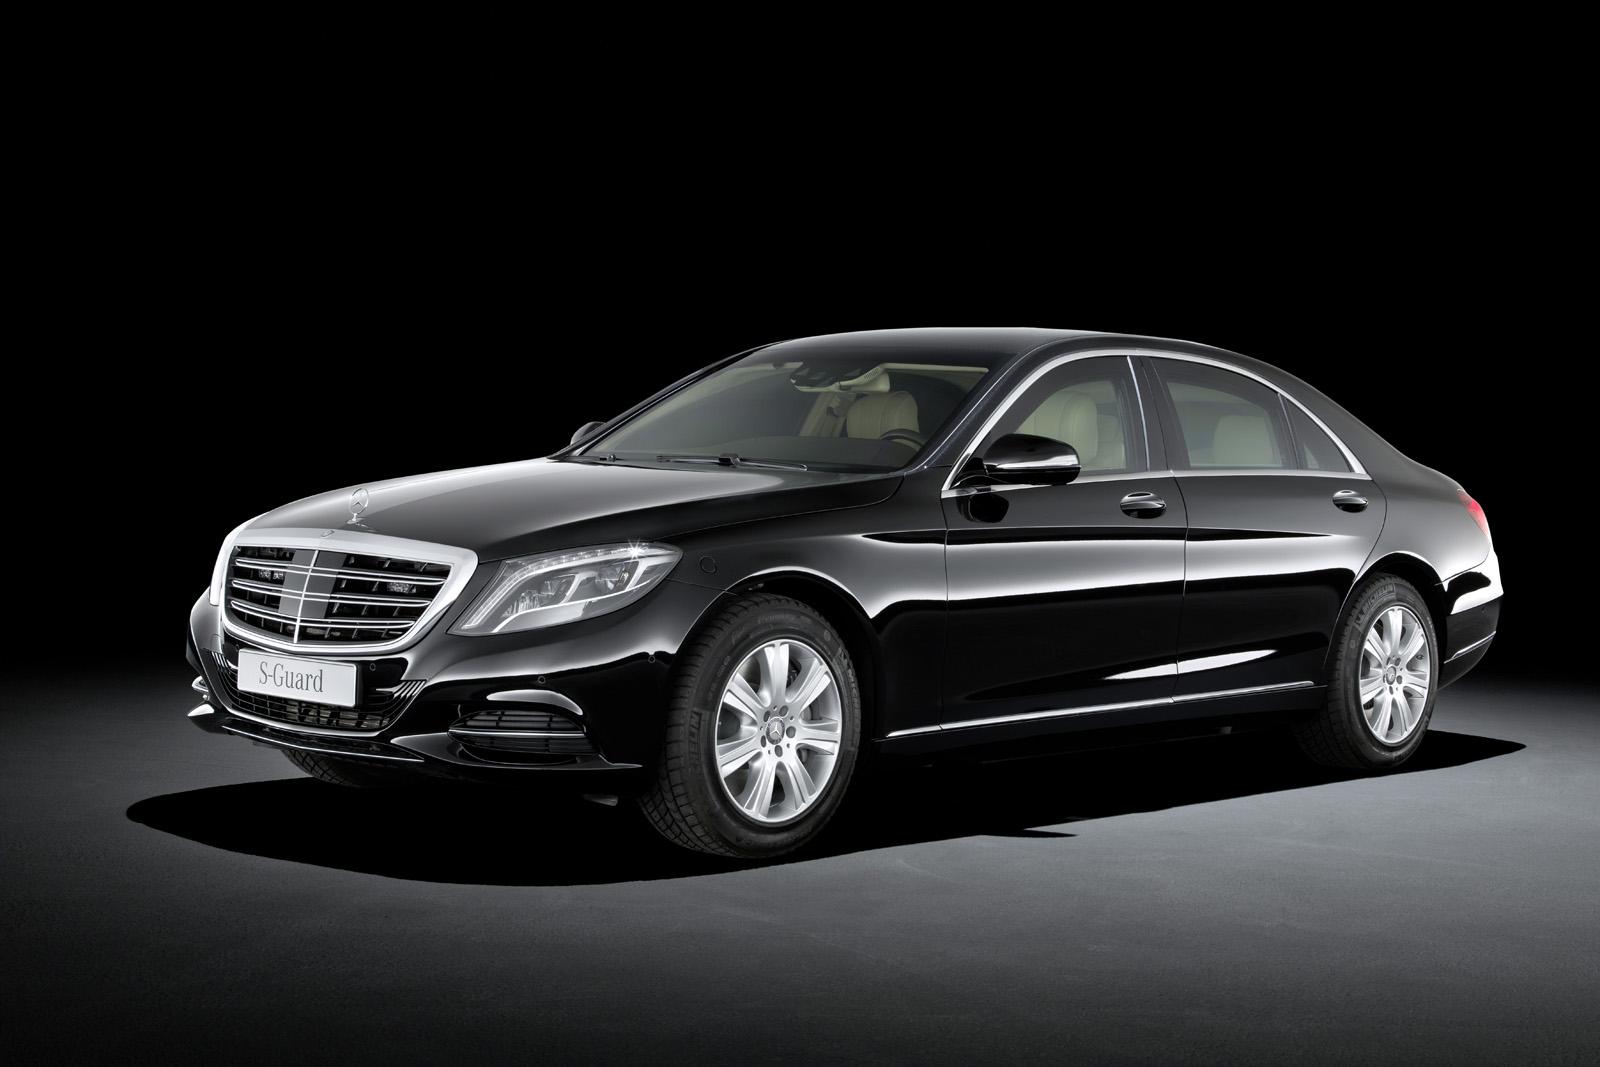 Mercedes-Benz ra mắt S-Class đặc biệt dành cho chính khách